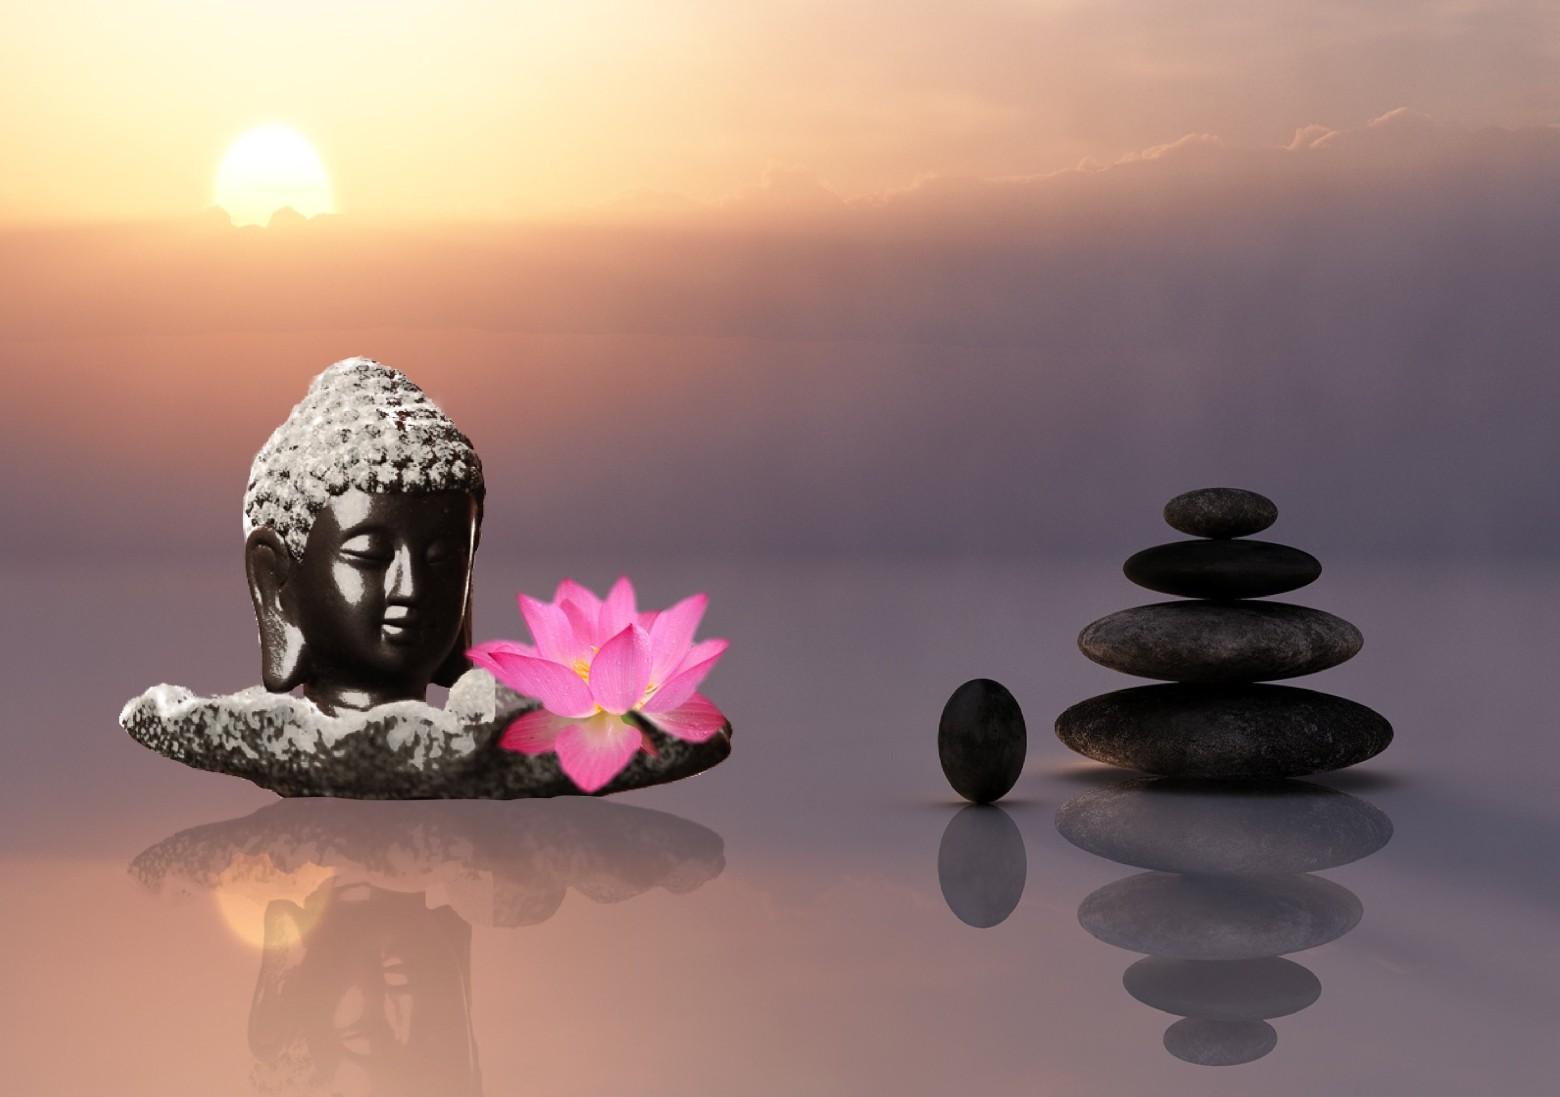 fond d'ecran gratuit image zen